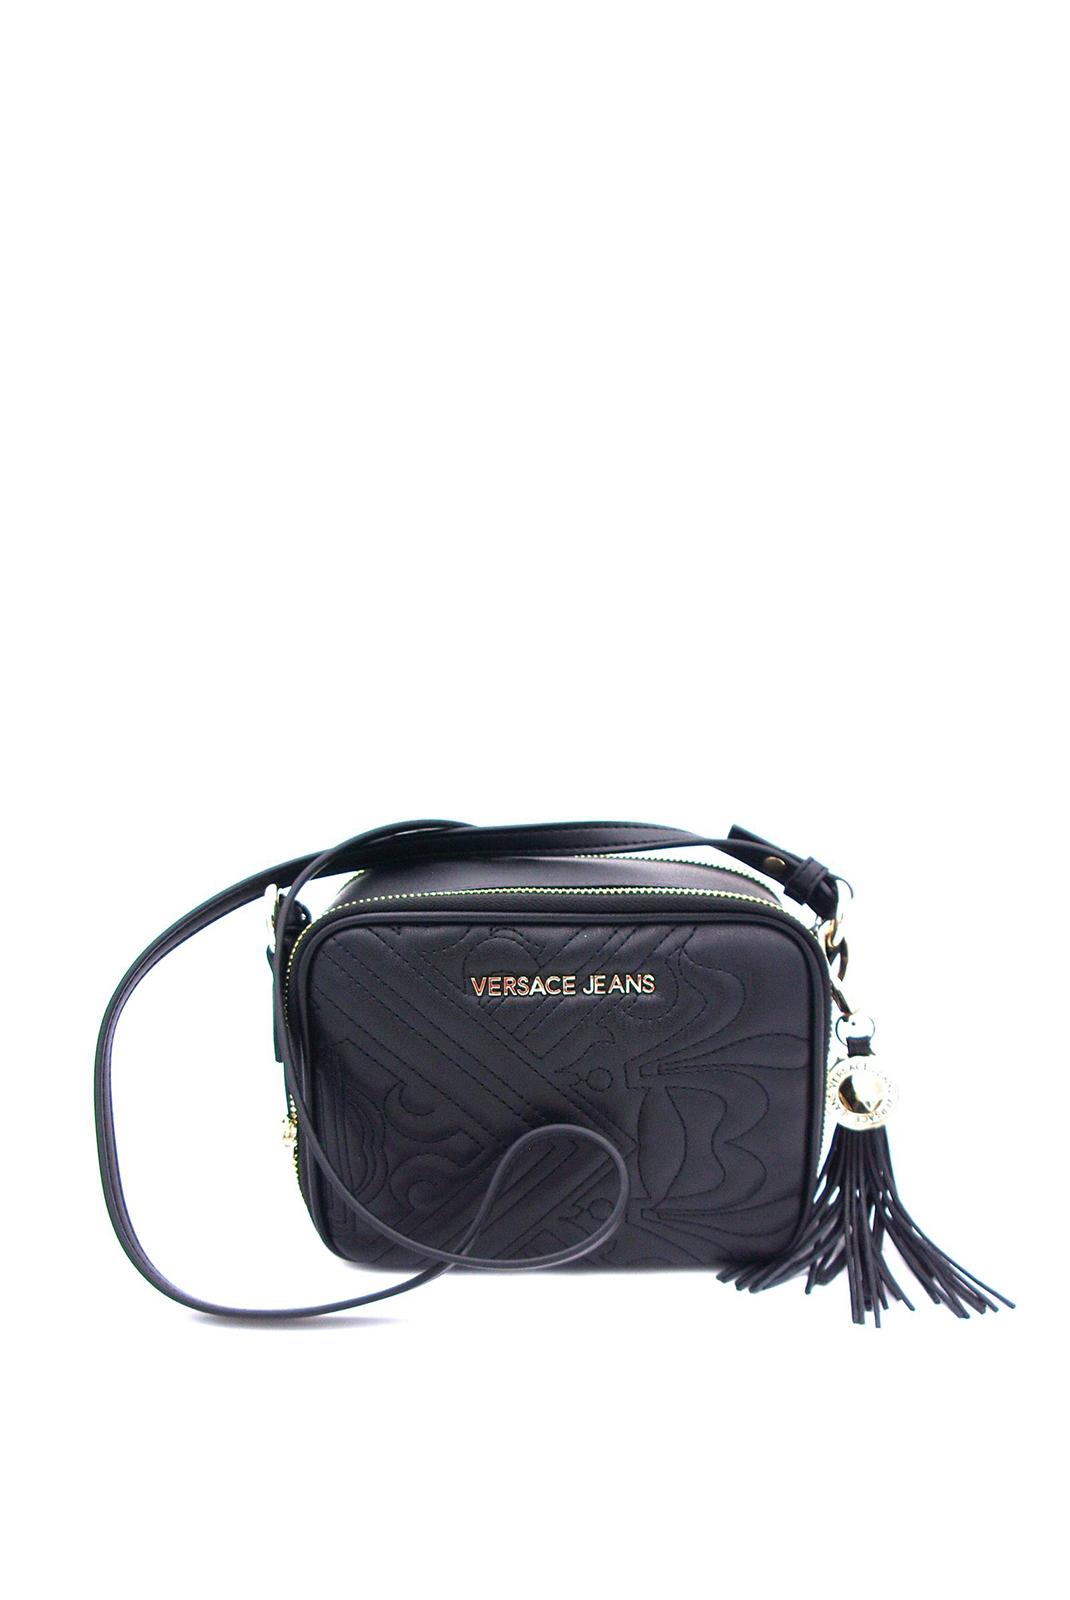 Besaces / Sacs bandoulière  Versace Jeans VSBBZ4 899 NOIR